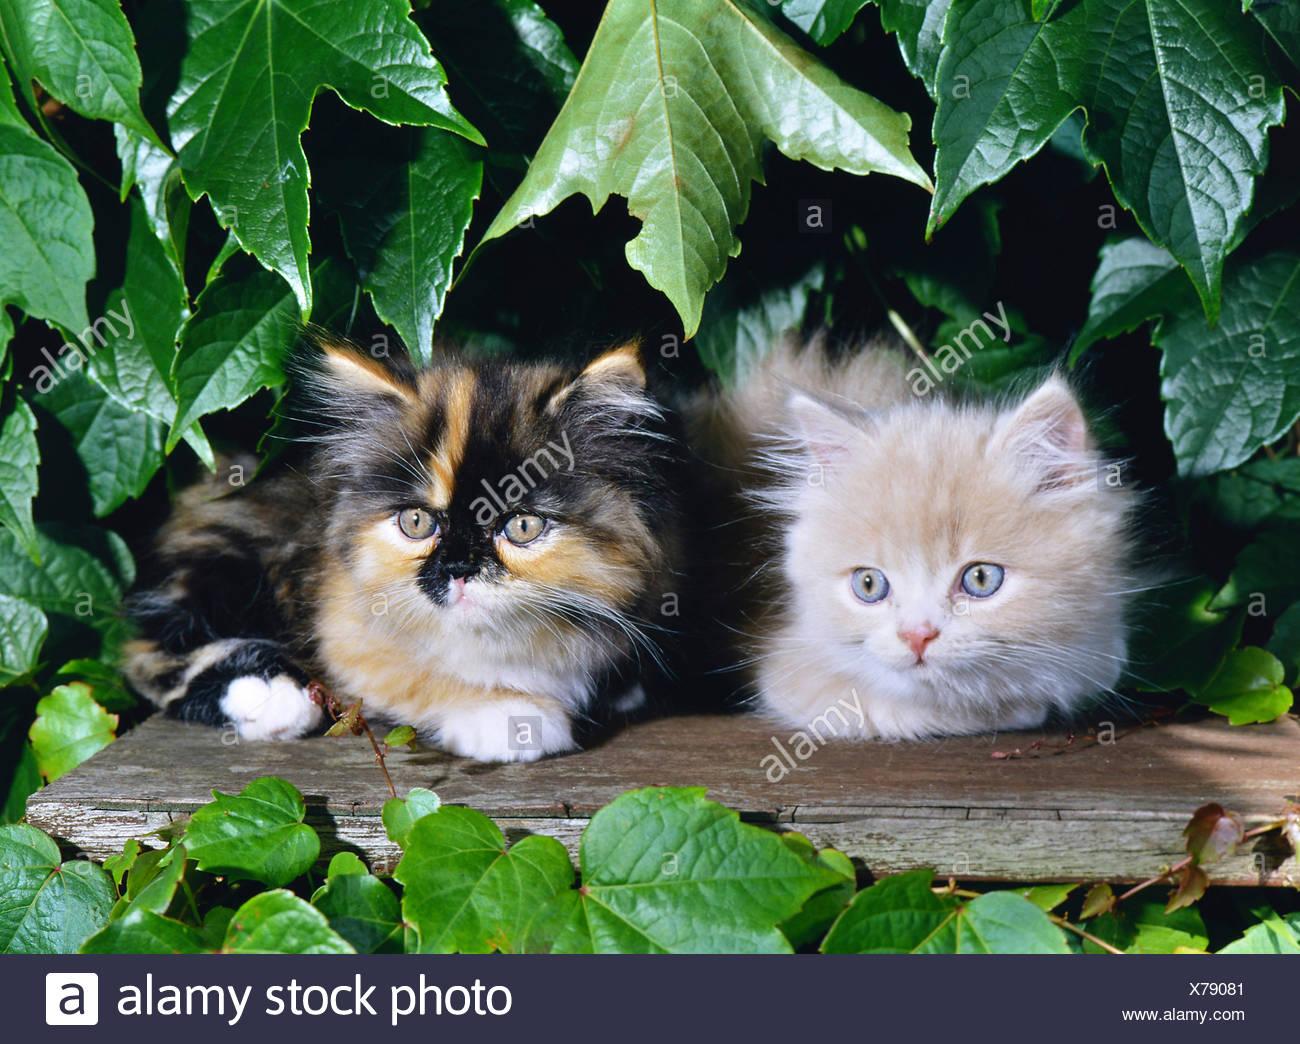 Cat Baby Kitten Angora Kittens Stock Photos Cat Baby Kitten Angora